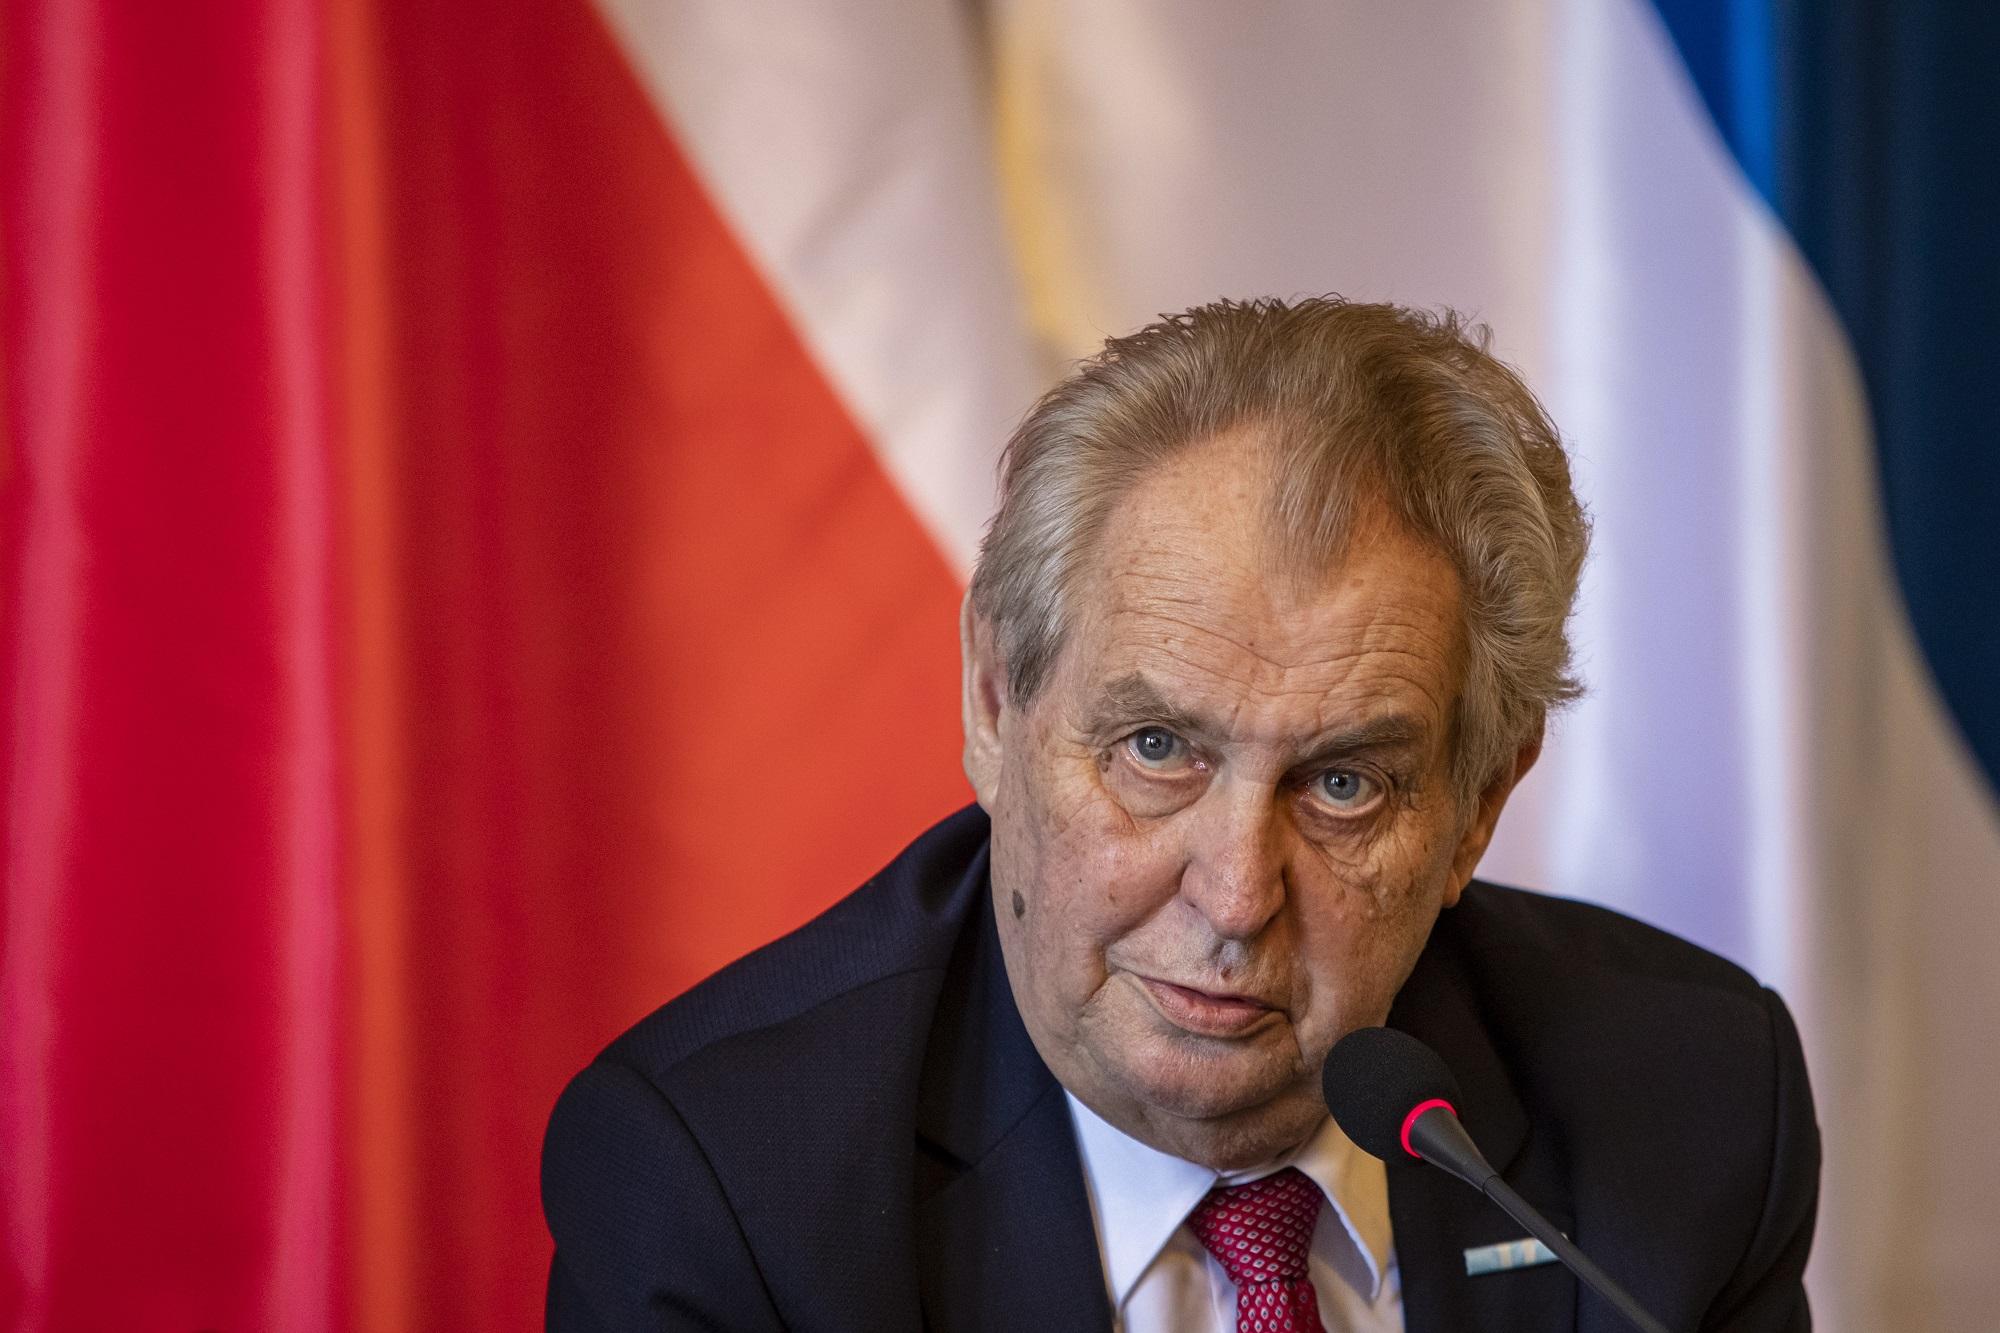 Τσεχία: Σε νοσοκομείο εισήχθη ο πρόεδρος Ζέμαν - ertnews.gr